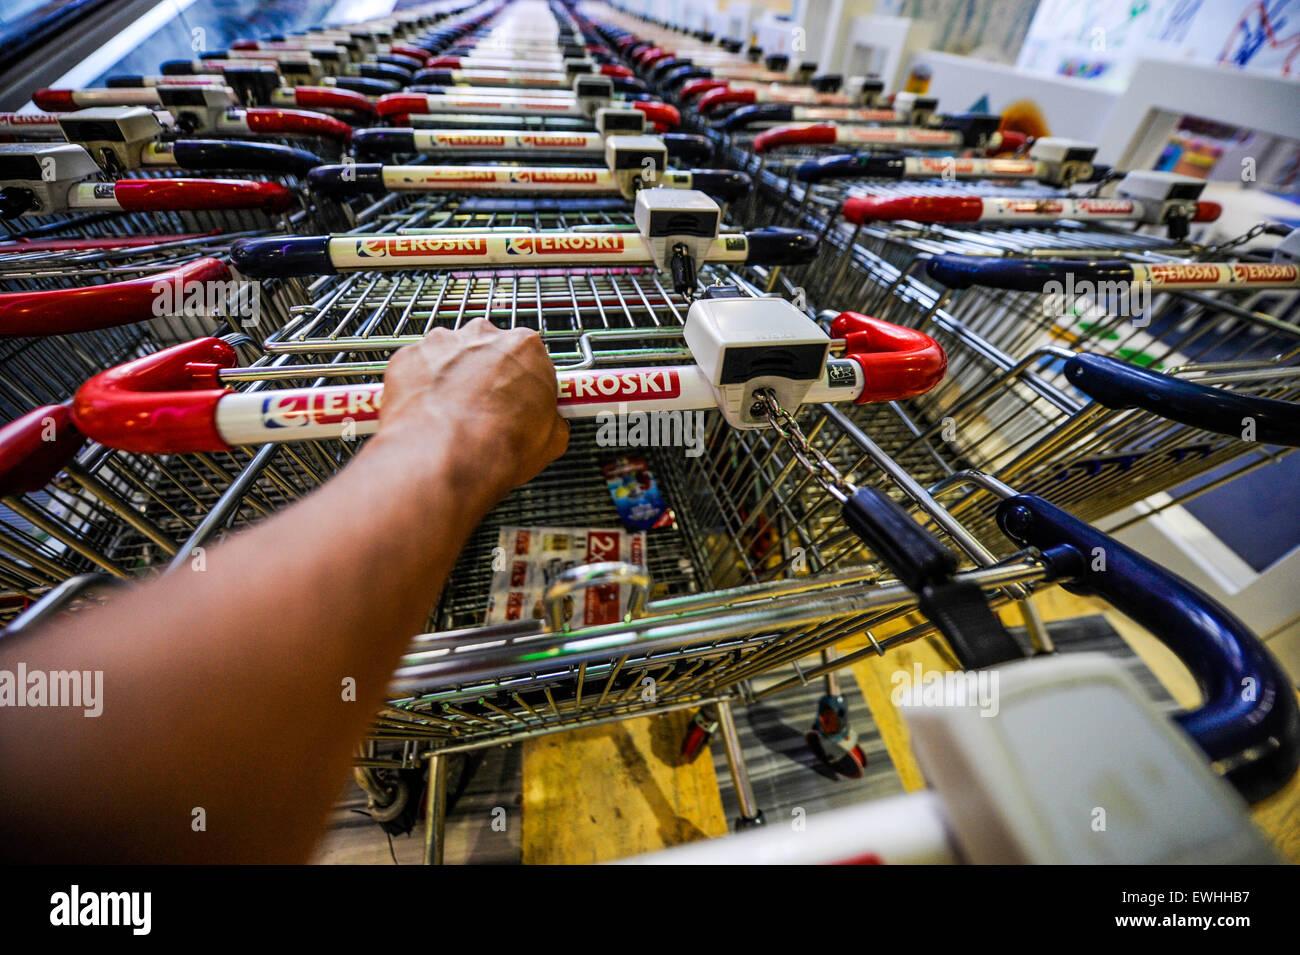 Compras Eroski Imagen De Stock